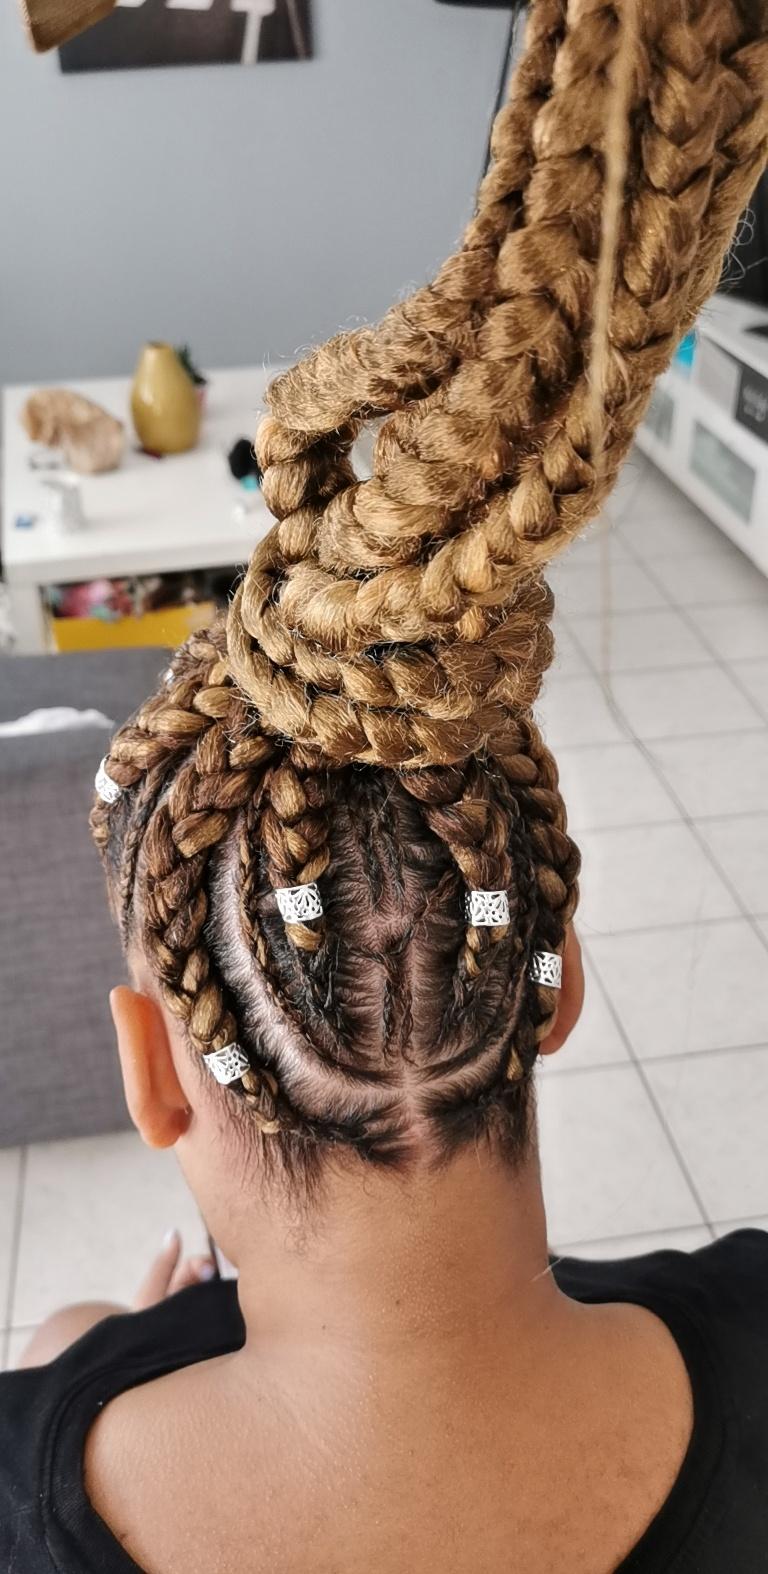 salon de coiffure afro tresse tresses box braids crochet braids vanilles tissages paris 75 77 78 91 92 93 94 95 WDSZBXTS